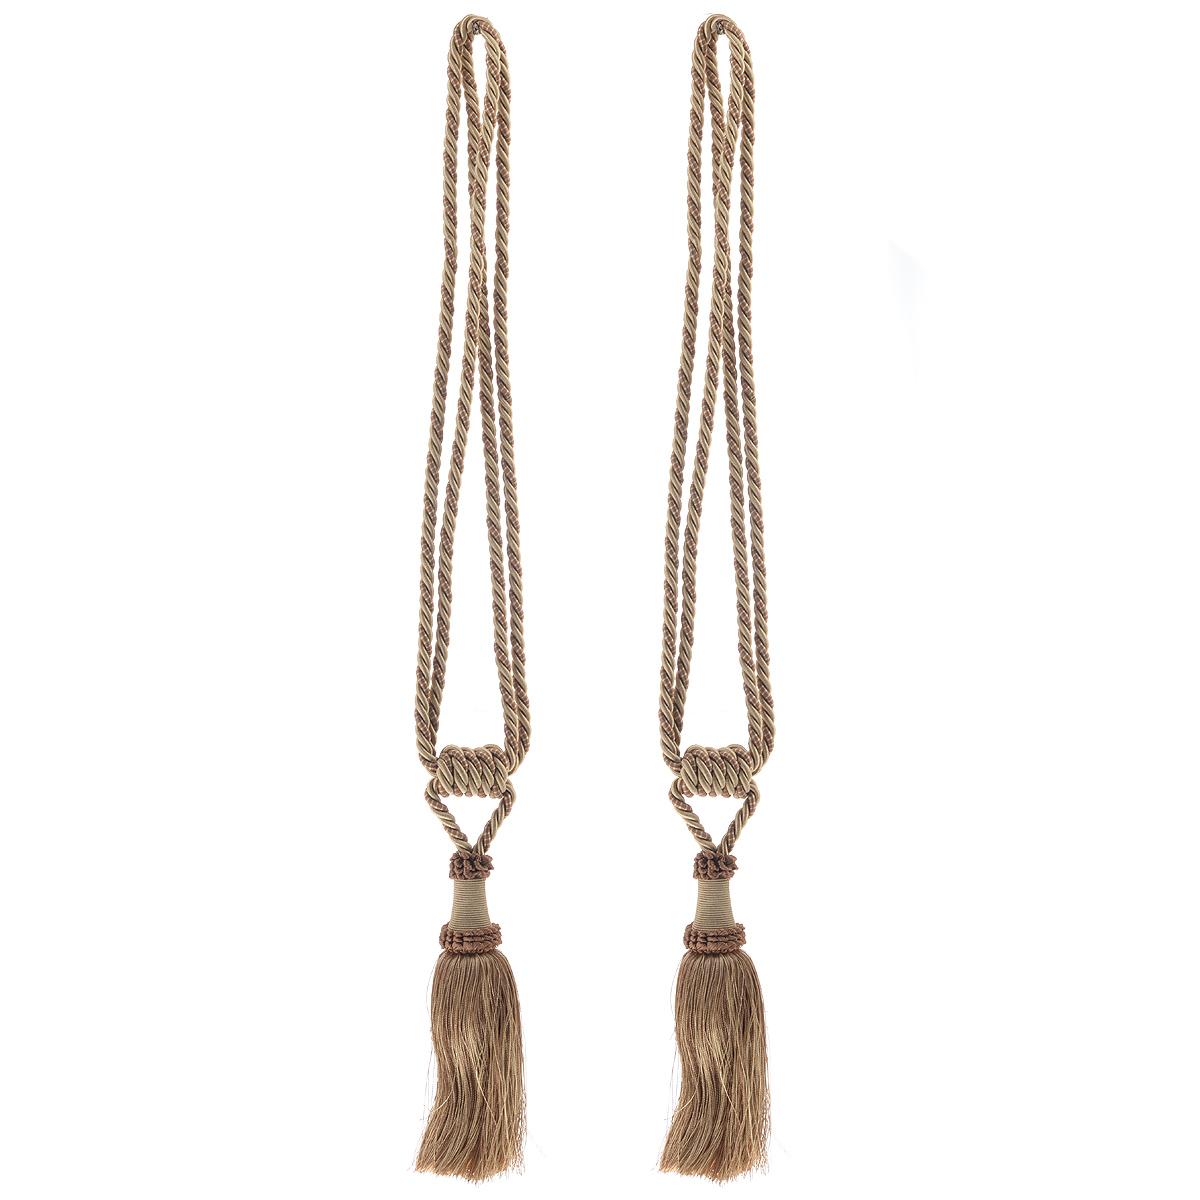 Подхват для штор Протос, цвет: светло-коричневый, длина 70 см, 2 шт подхват для штор протос цвет светло бежевый длина 70 см 2 шт